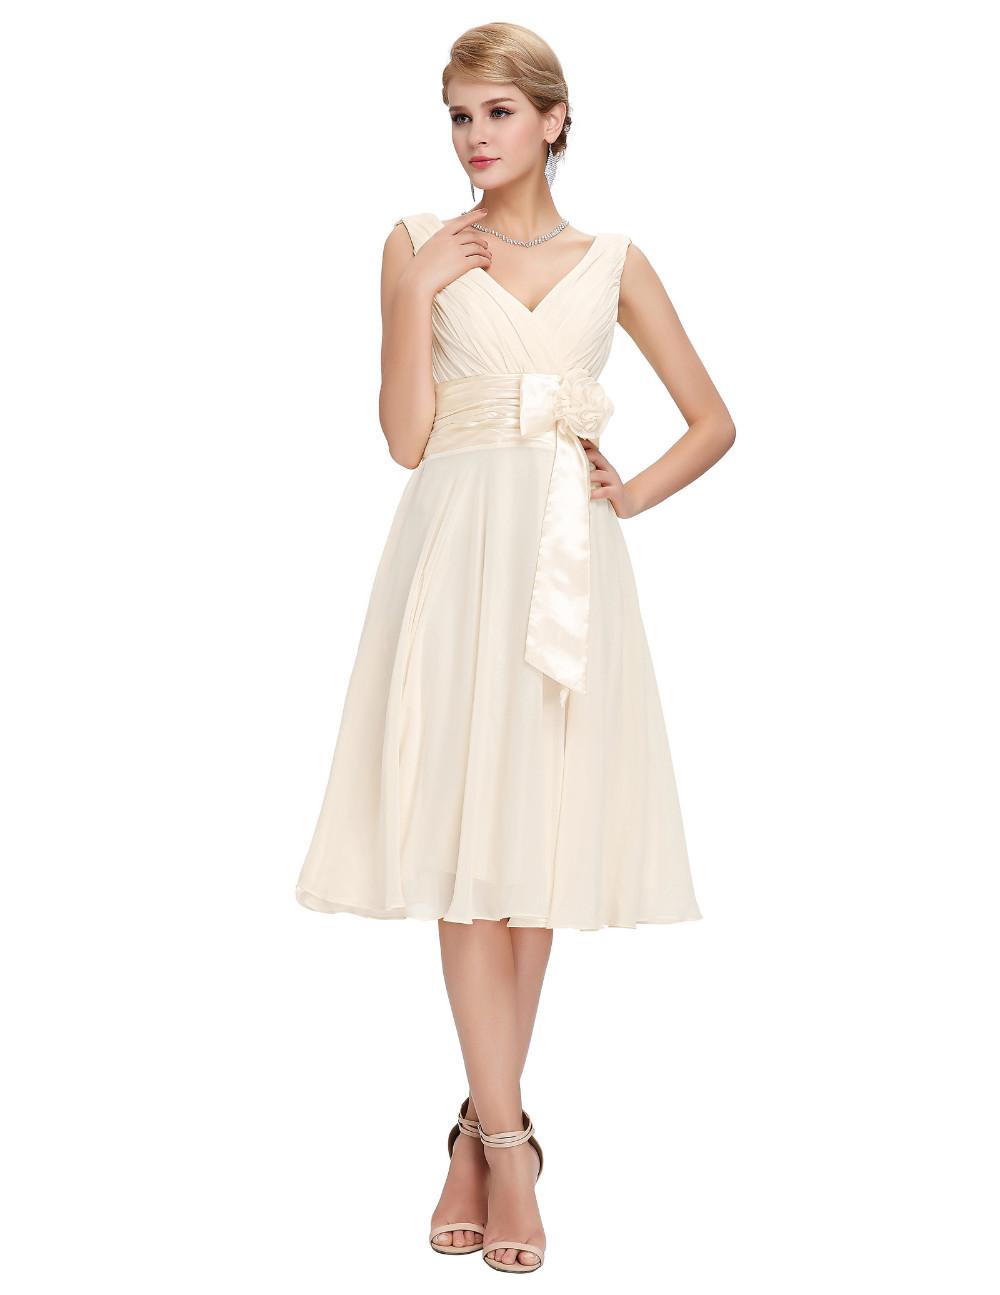 HTB1WKvZMVXXXXbbXFXXq6xXFXXXzKnee Length Short Chiffon Blue Dress